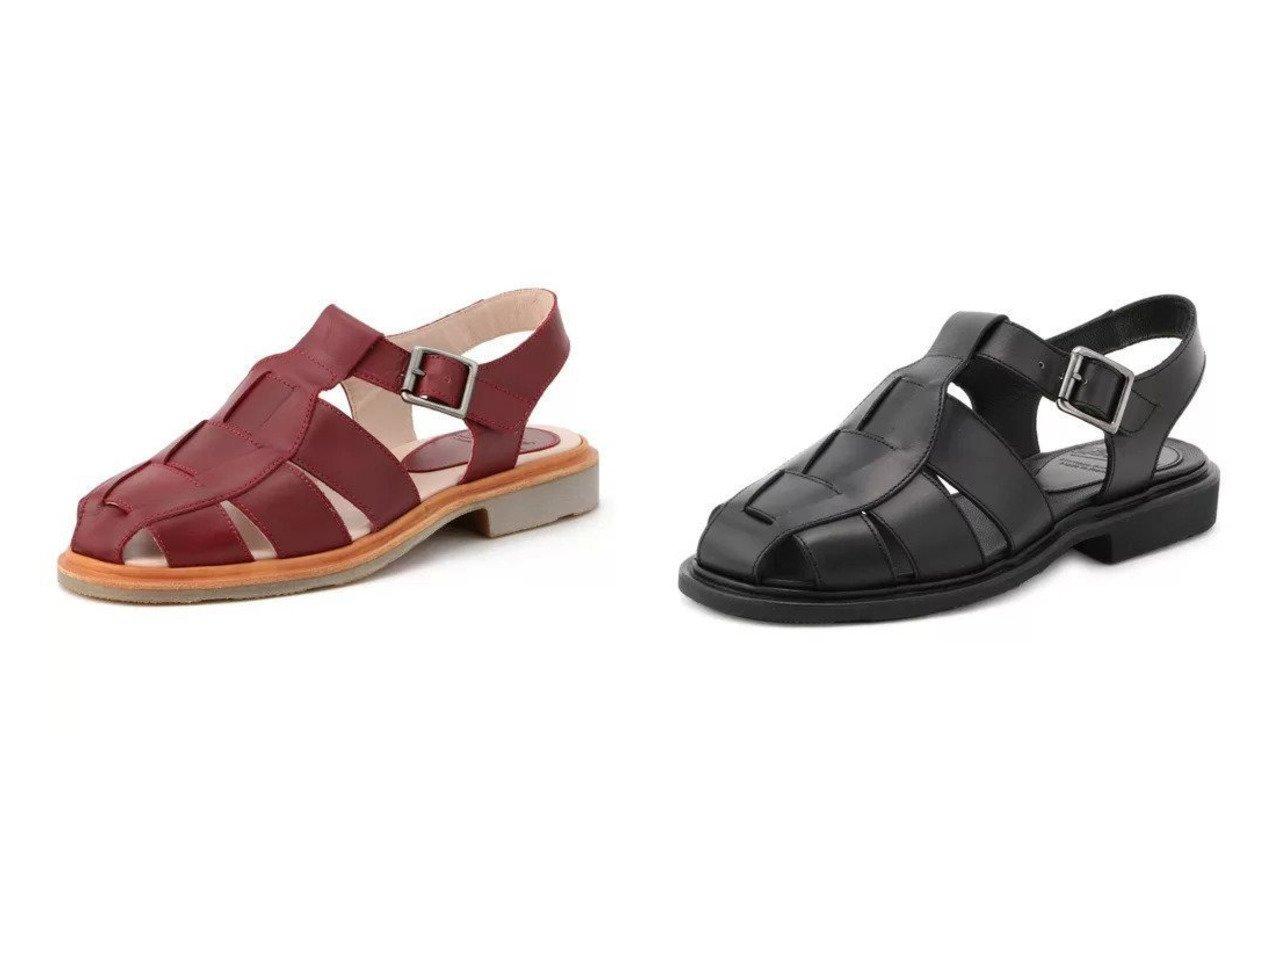 【Paraboot/パラブーツ】のIBERIS 【シューズ・靴】おすすめ!人気、トレンド・レディースファッションの通販 おすすめで人気の流行・トレンド、ファッションの通販商品 インテリア・家具・メンズファッション・キッズファッション・レディースファッション・服の通販 founy(ファニー) https://founy.com/ ファッション Fashion レディースファッション WOMEN 2020年 2020 2020春夏・S/S SS・Spring/Summer/2020 S/S・春夏 SS・Spring/Summer サンダル シューズ ベーシック |ID:crp329100000045174